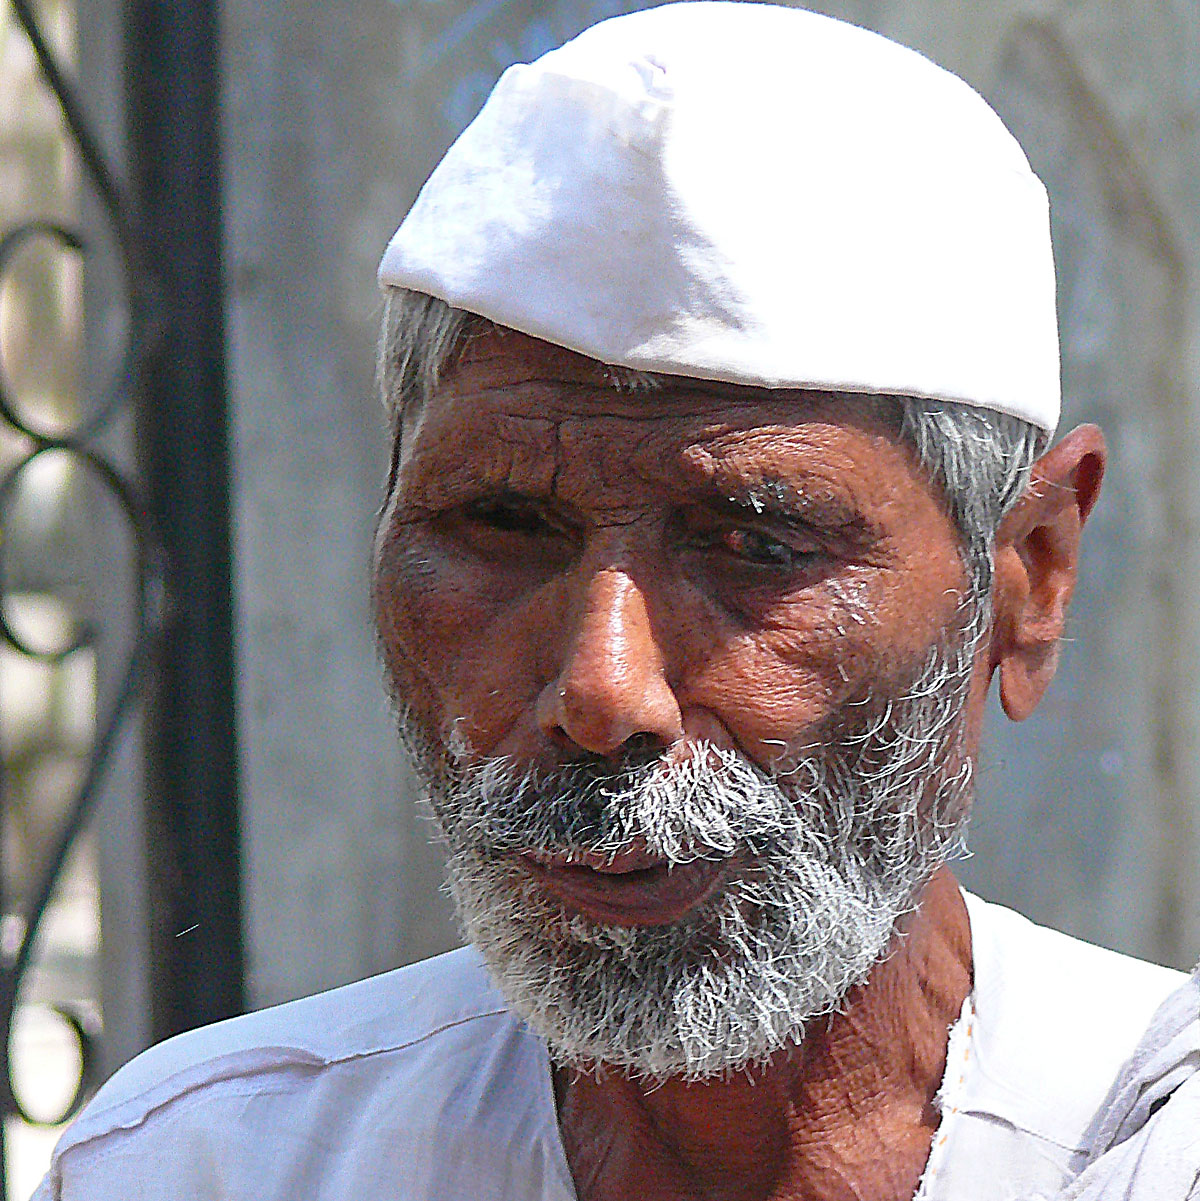 INDIEN MUMBAI Menschen Wohnen FINEST-onTour P1030443.jpg